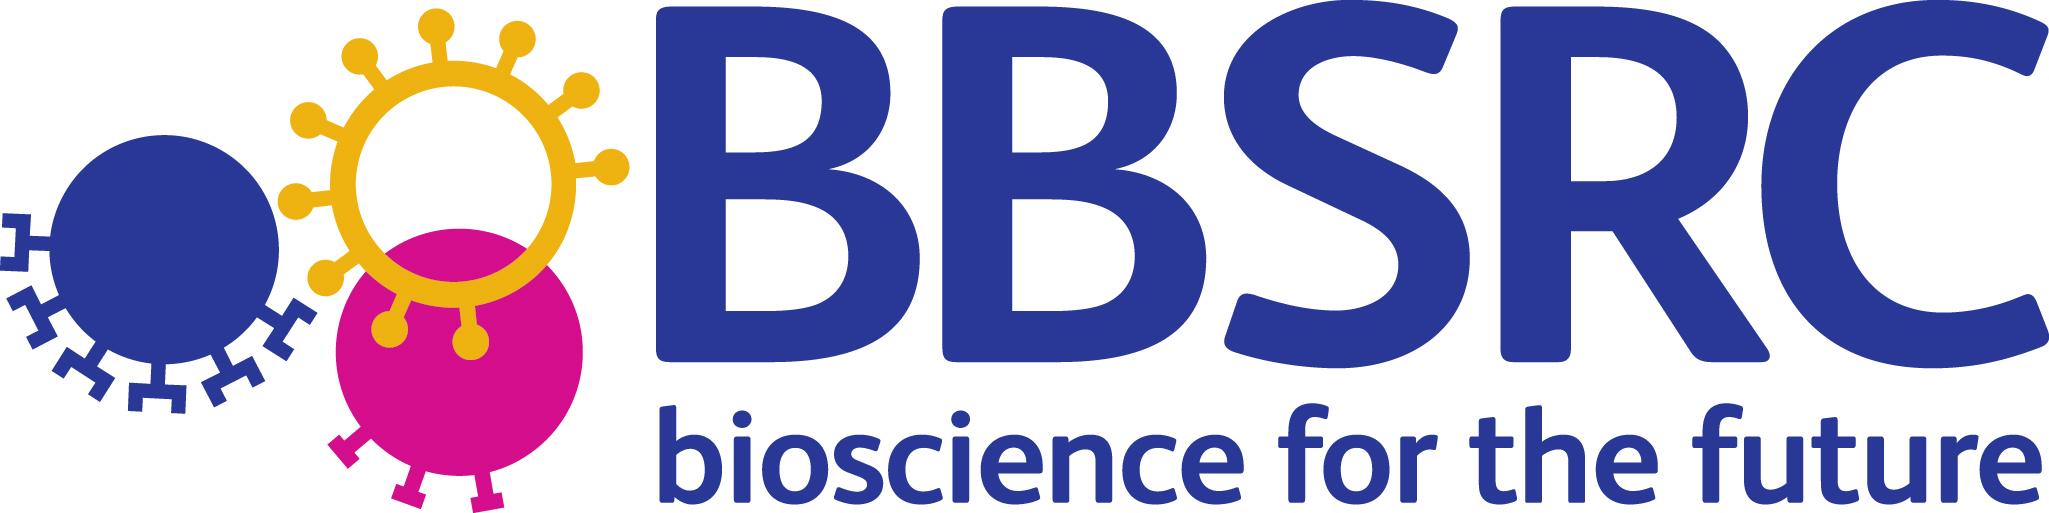 BBSRC-logo.png